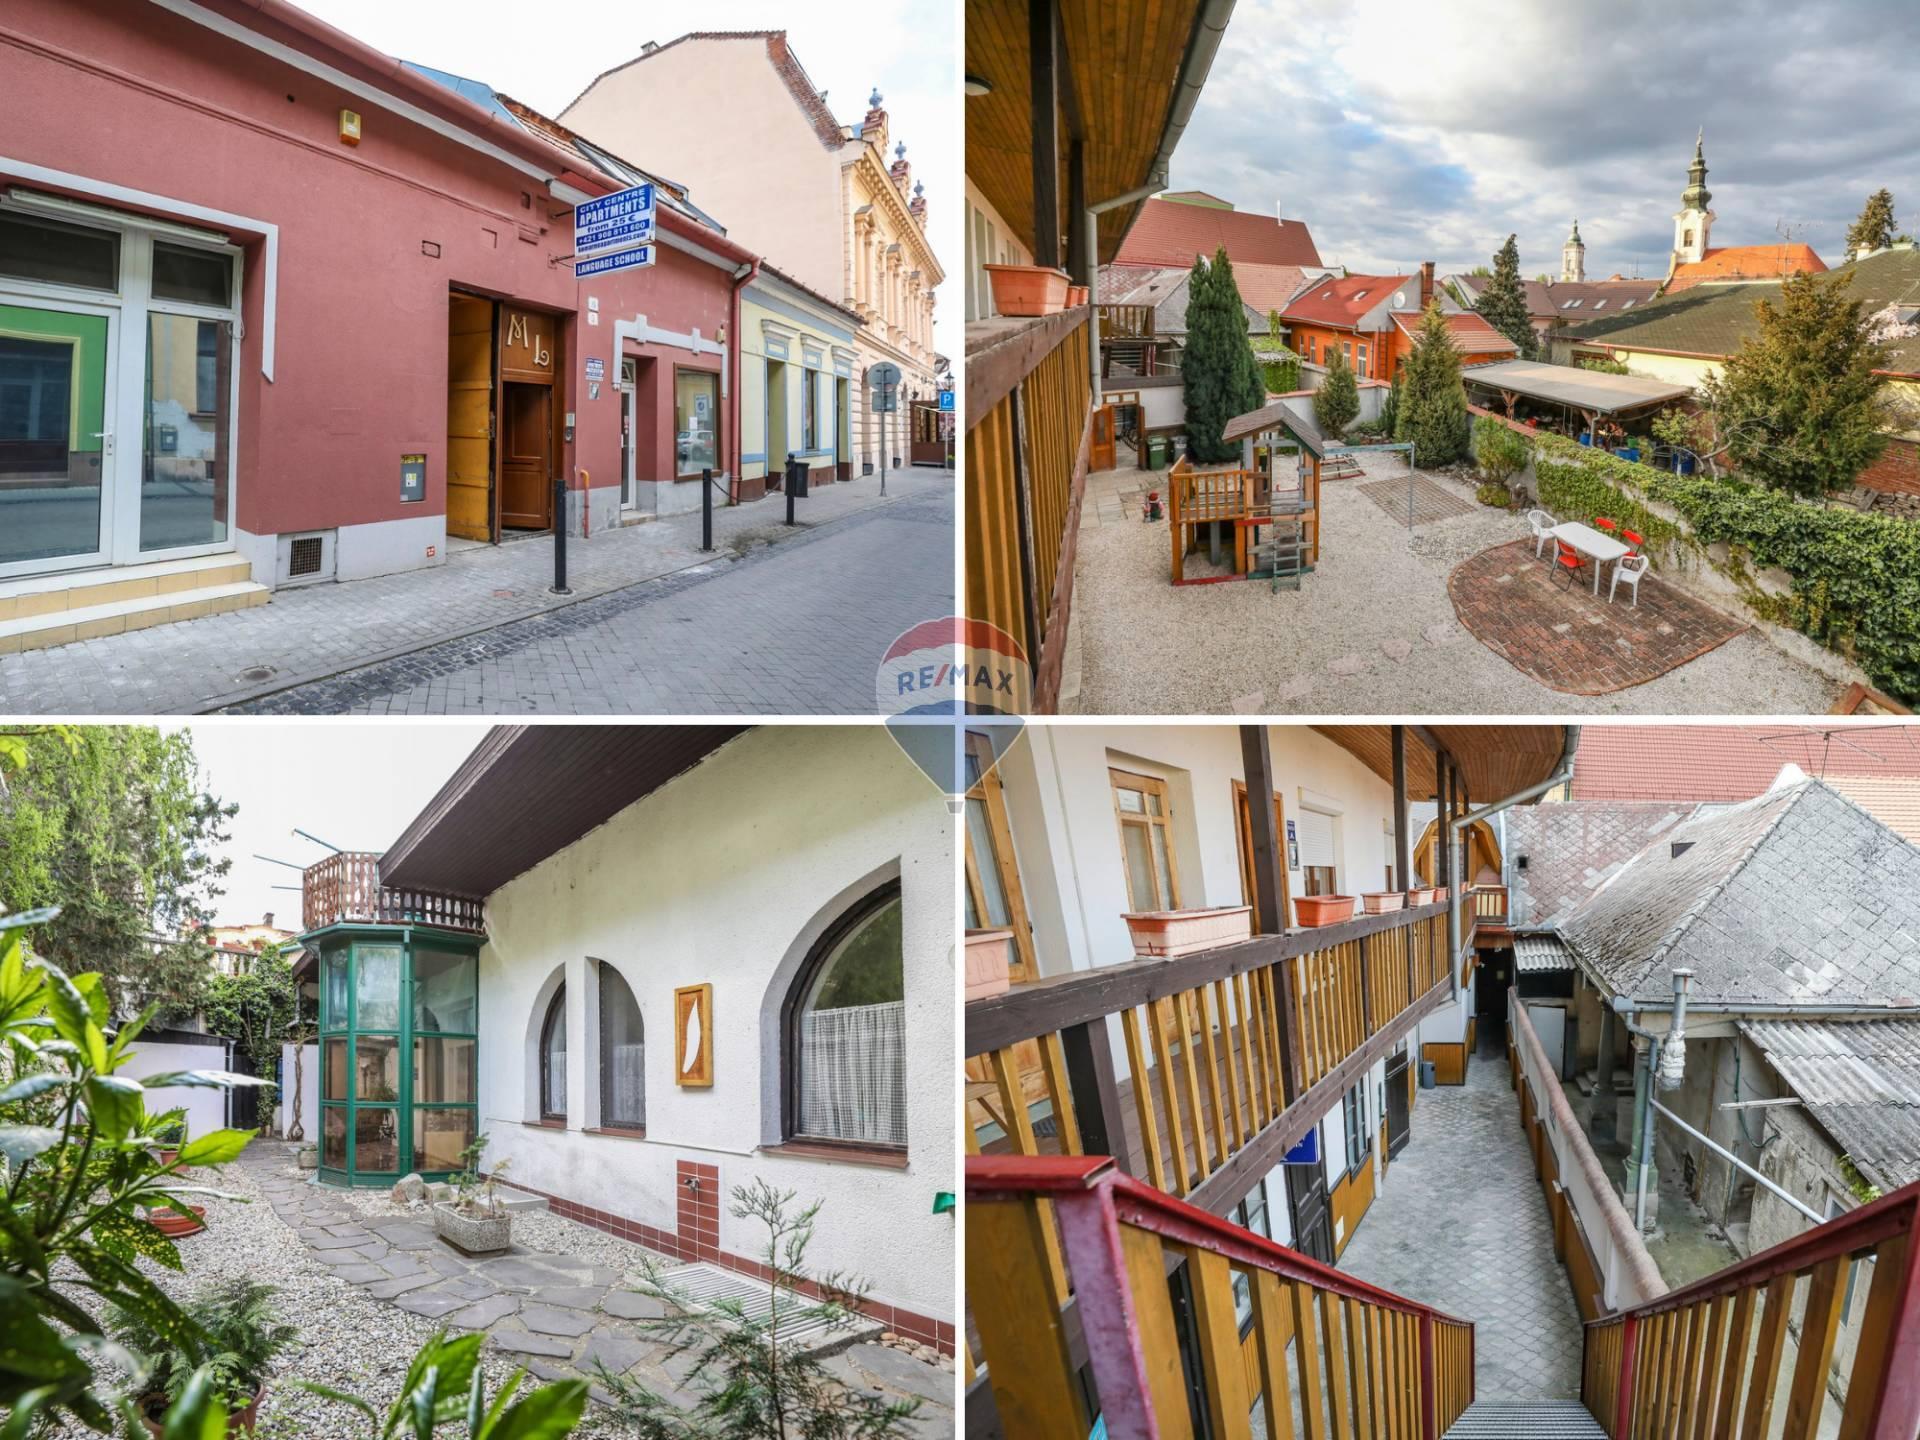 Zabehnutý penzión so 7 komfortnými apartmánmi a obchodnými priestormi v historickom centre Komárna